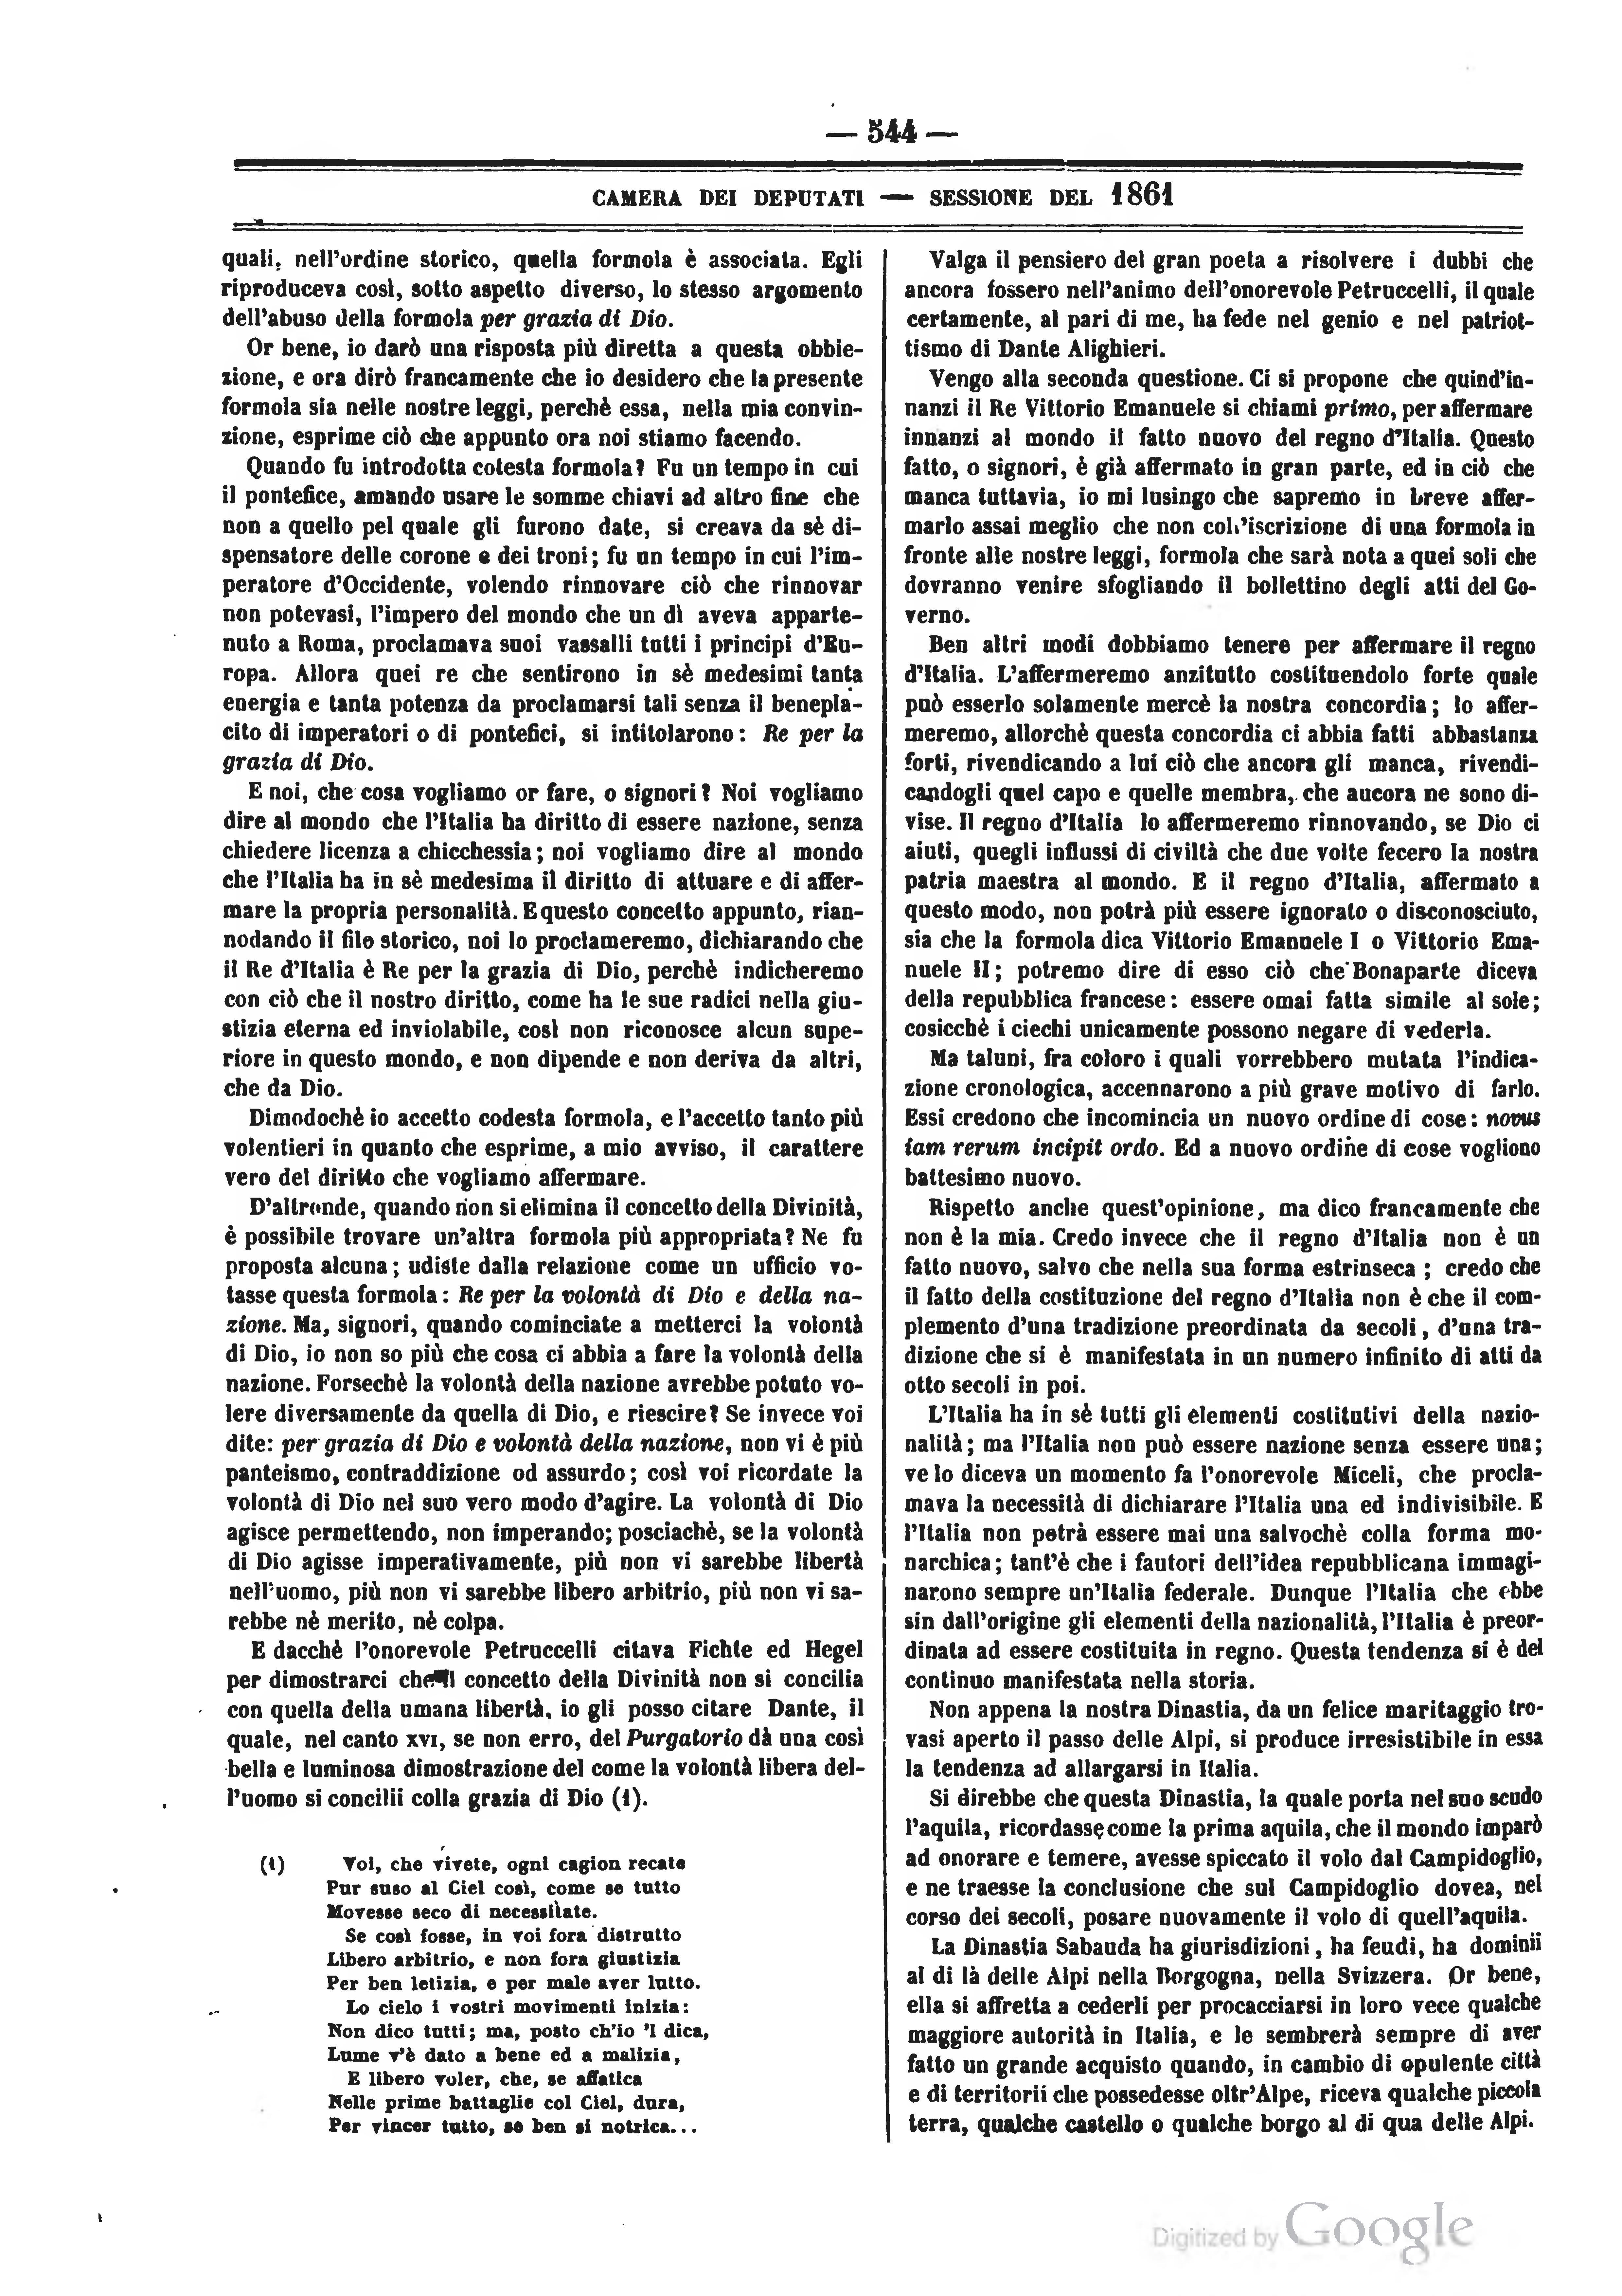 Pagina atti del parlamento italiano 1861 djvu 26 for Il parlamento italiano wikipedia